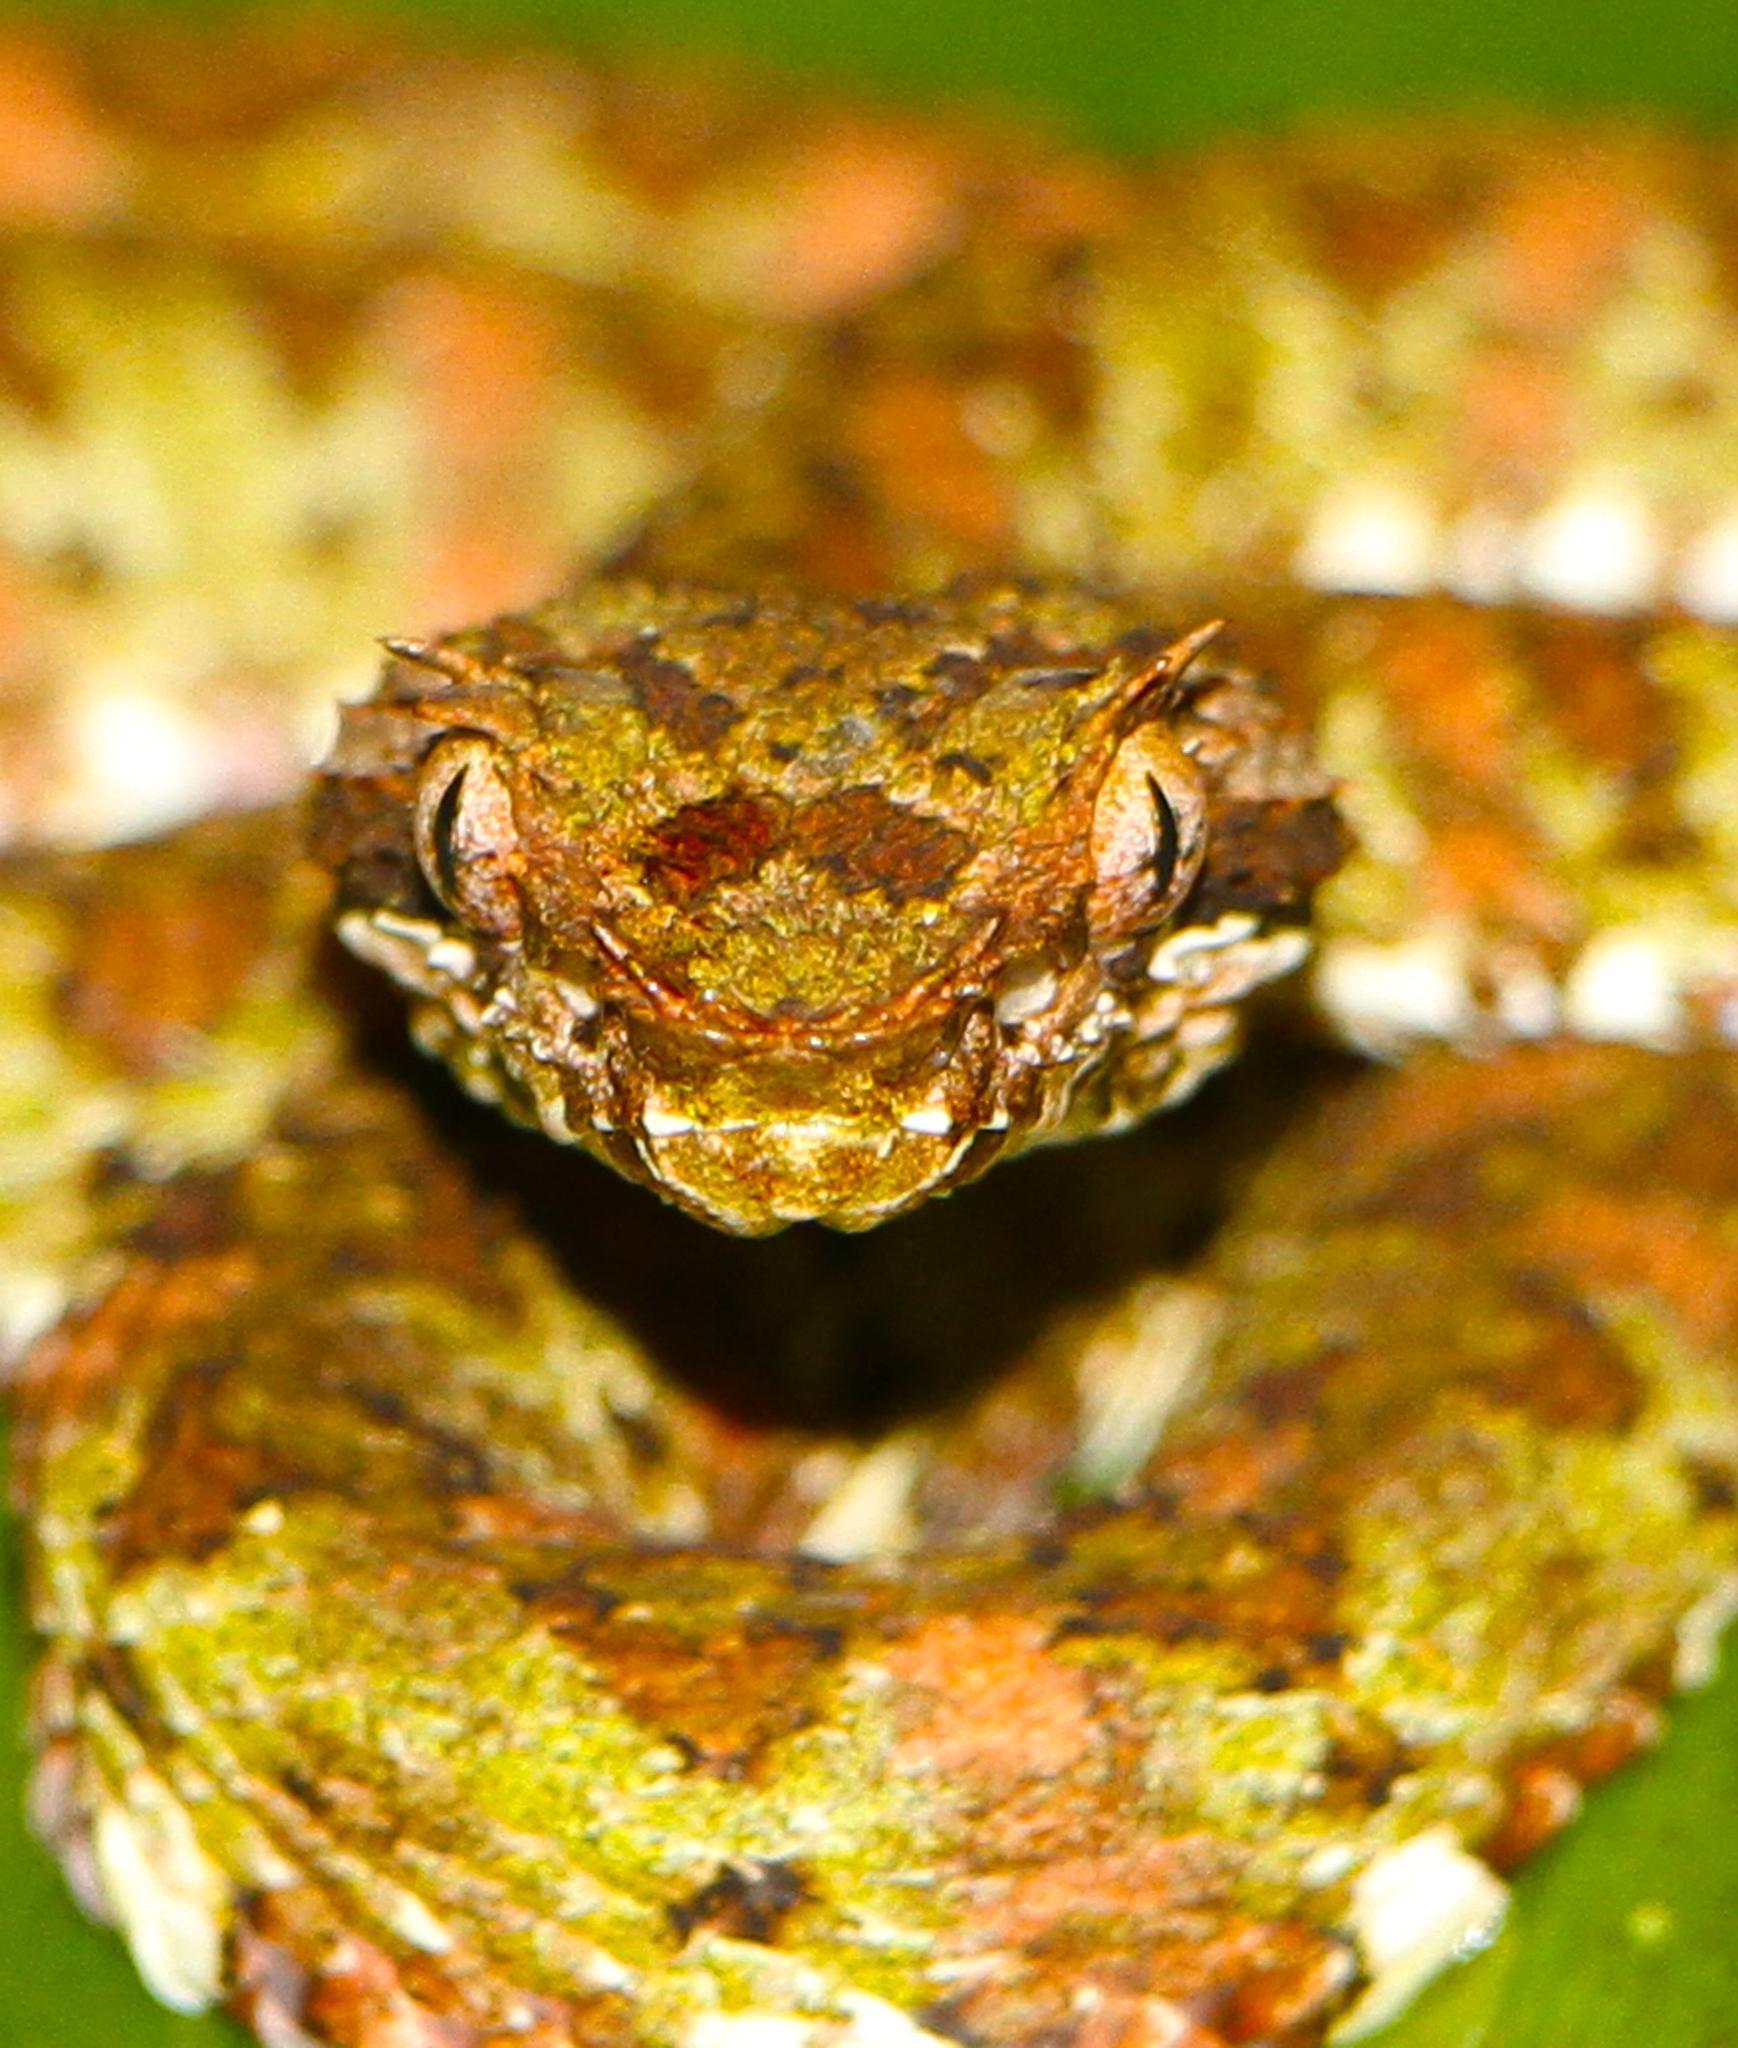 Bocaraca'  snake by renzo.sturmo